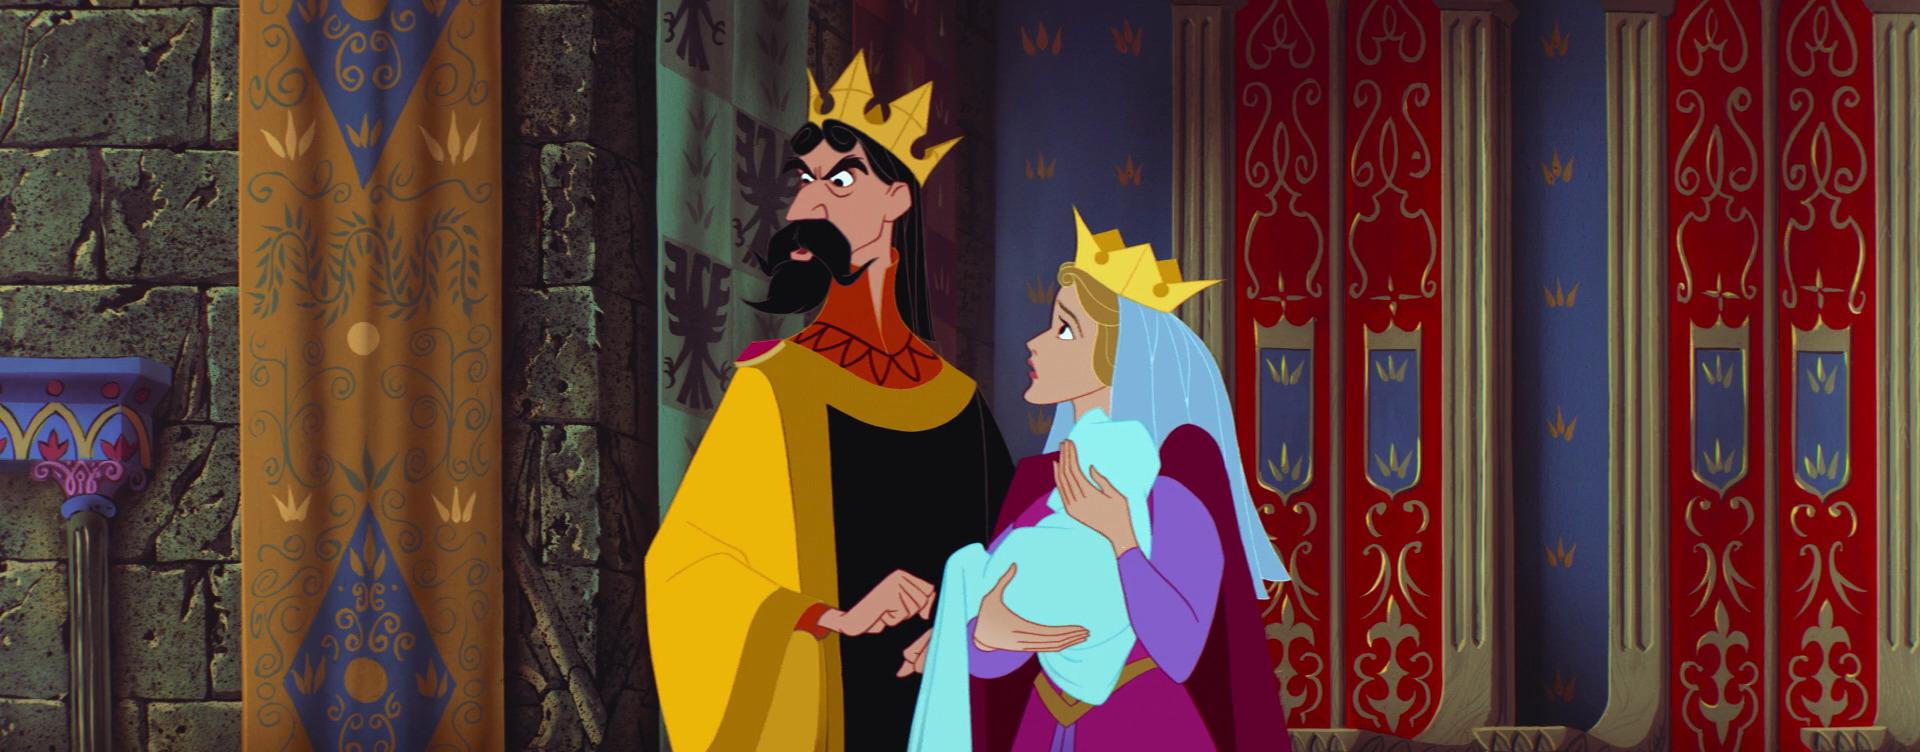 Category Sleeping Beauty Characters Disney Wiki Fandom